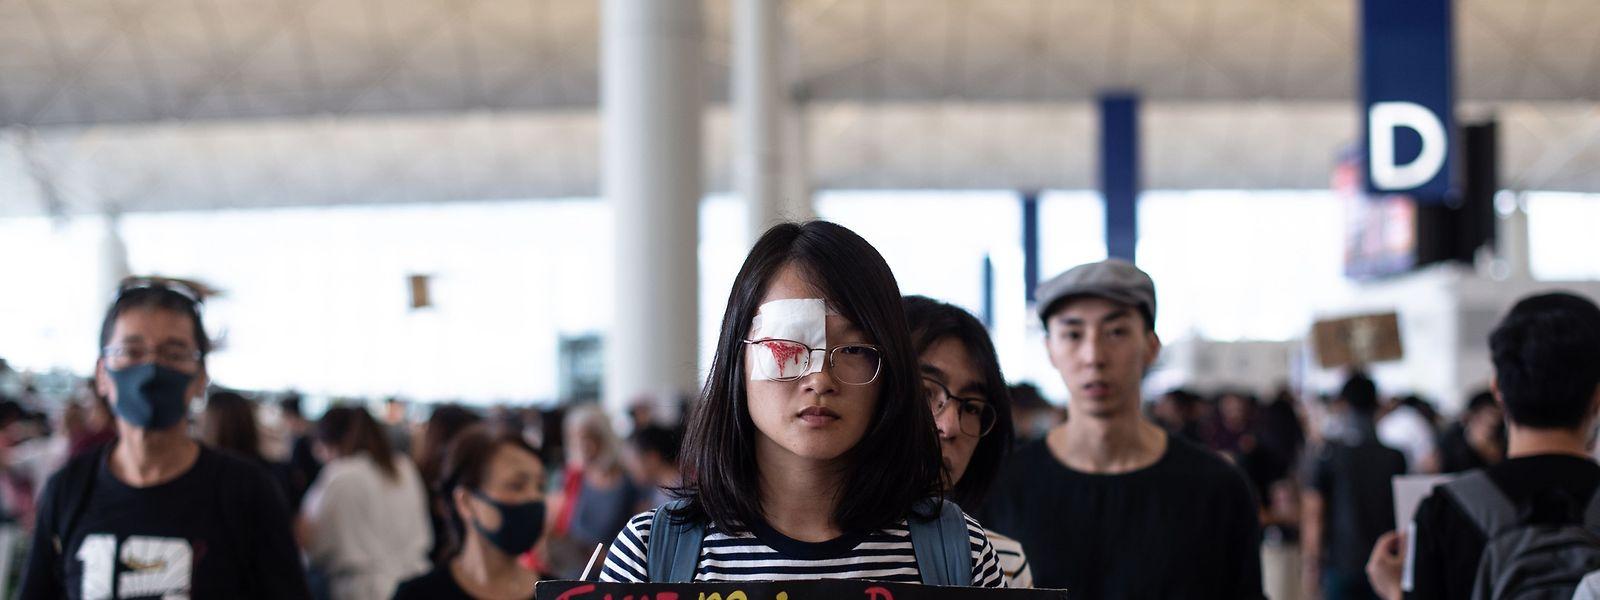 Auf dem Flughafen in Hongkong hält eine Demonstrantin eine Tafel mit den Forderungen ihrer Mitstreiter.